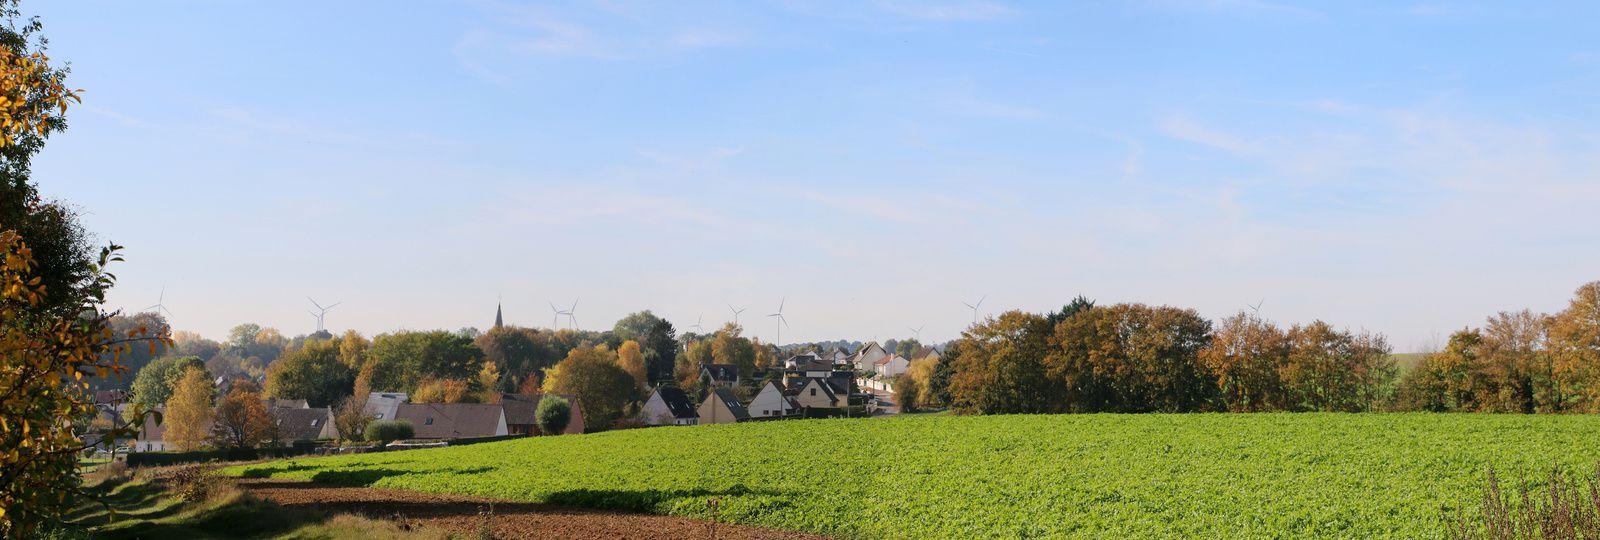 """A déplorer cette pollution visuelle avec ces """"girouettes"""" qui défigurent maintenant le paysage. L'an dernier, une seule éolienne sur le même plan photo, aujourd'hui on en dénombre 11 !!!"""